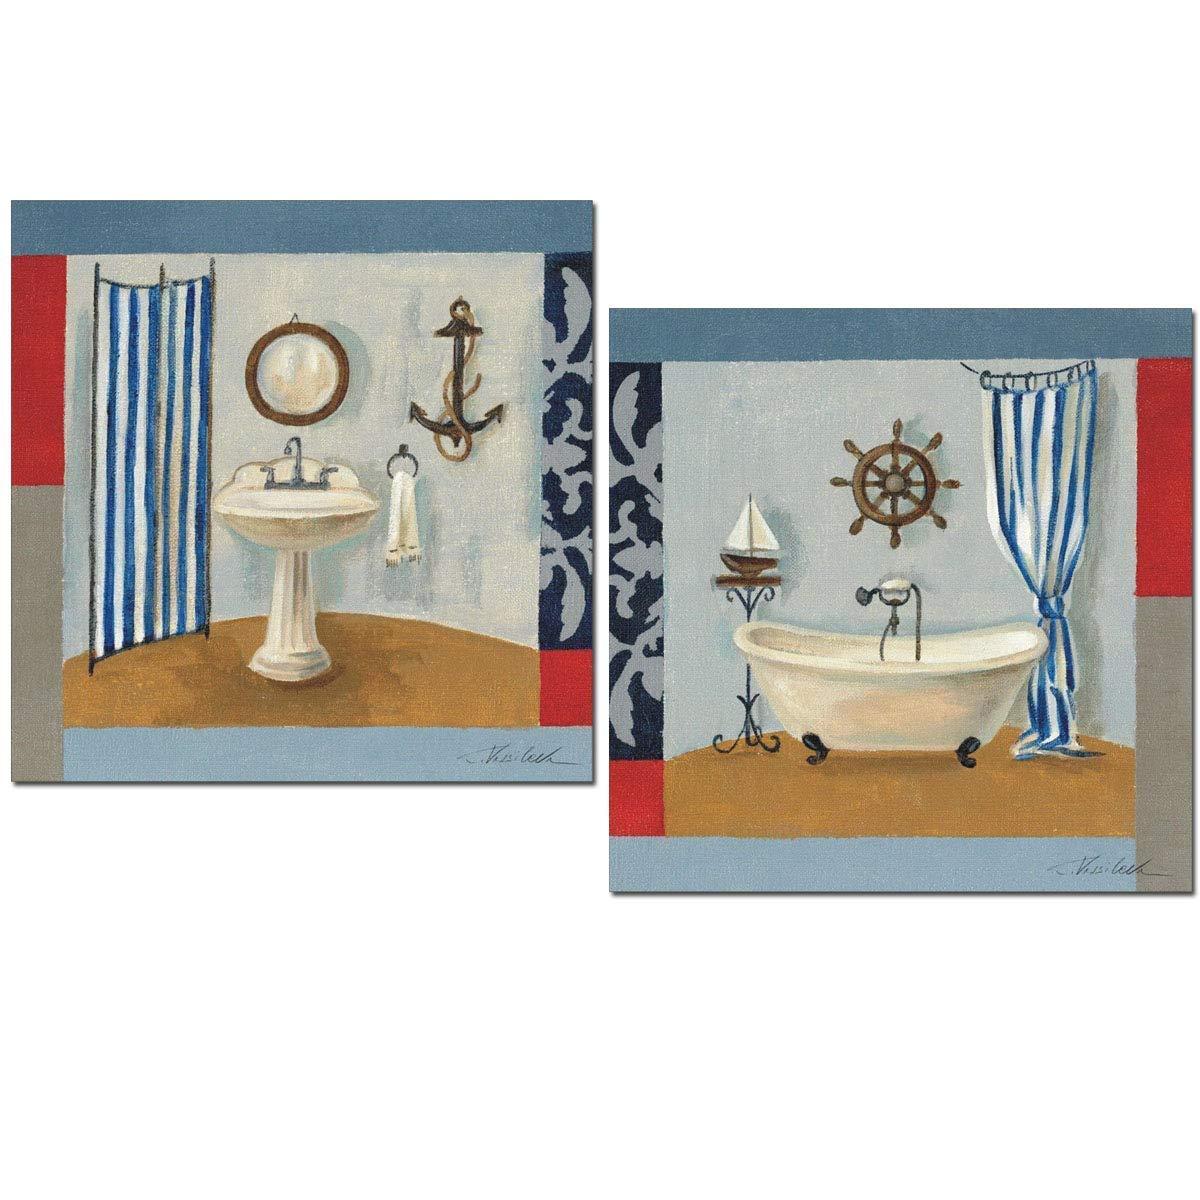 Cuadros decoración baño MARÍTIMO vintage para decorar el baño WC 24x24x7 impermeable con polímero protector y adhesivo doble cara para colgar, fácil instalación.